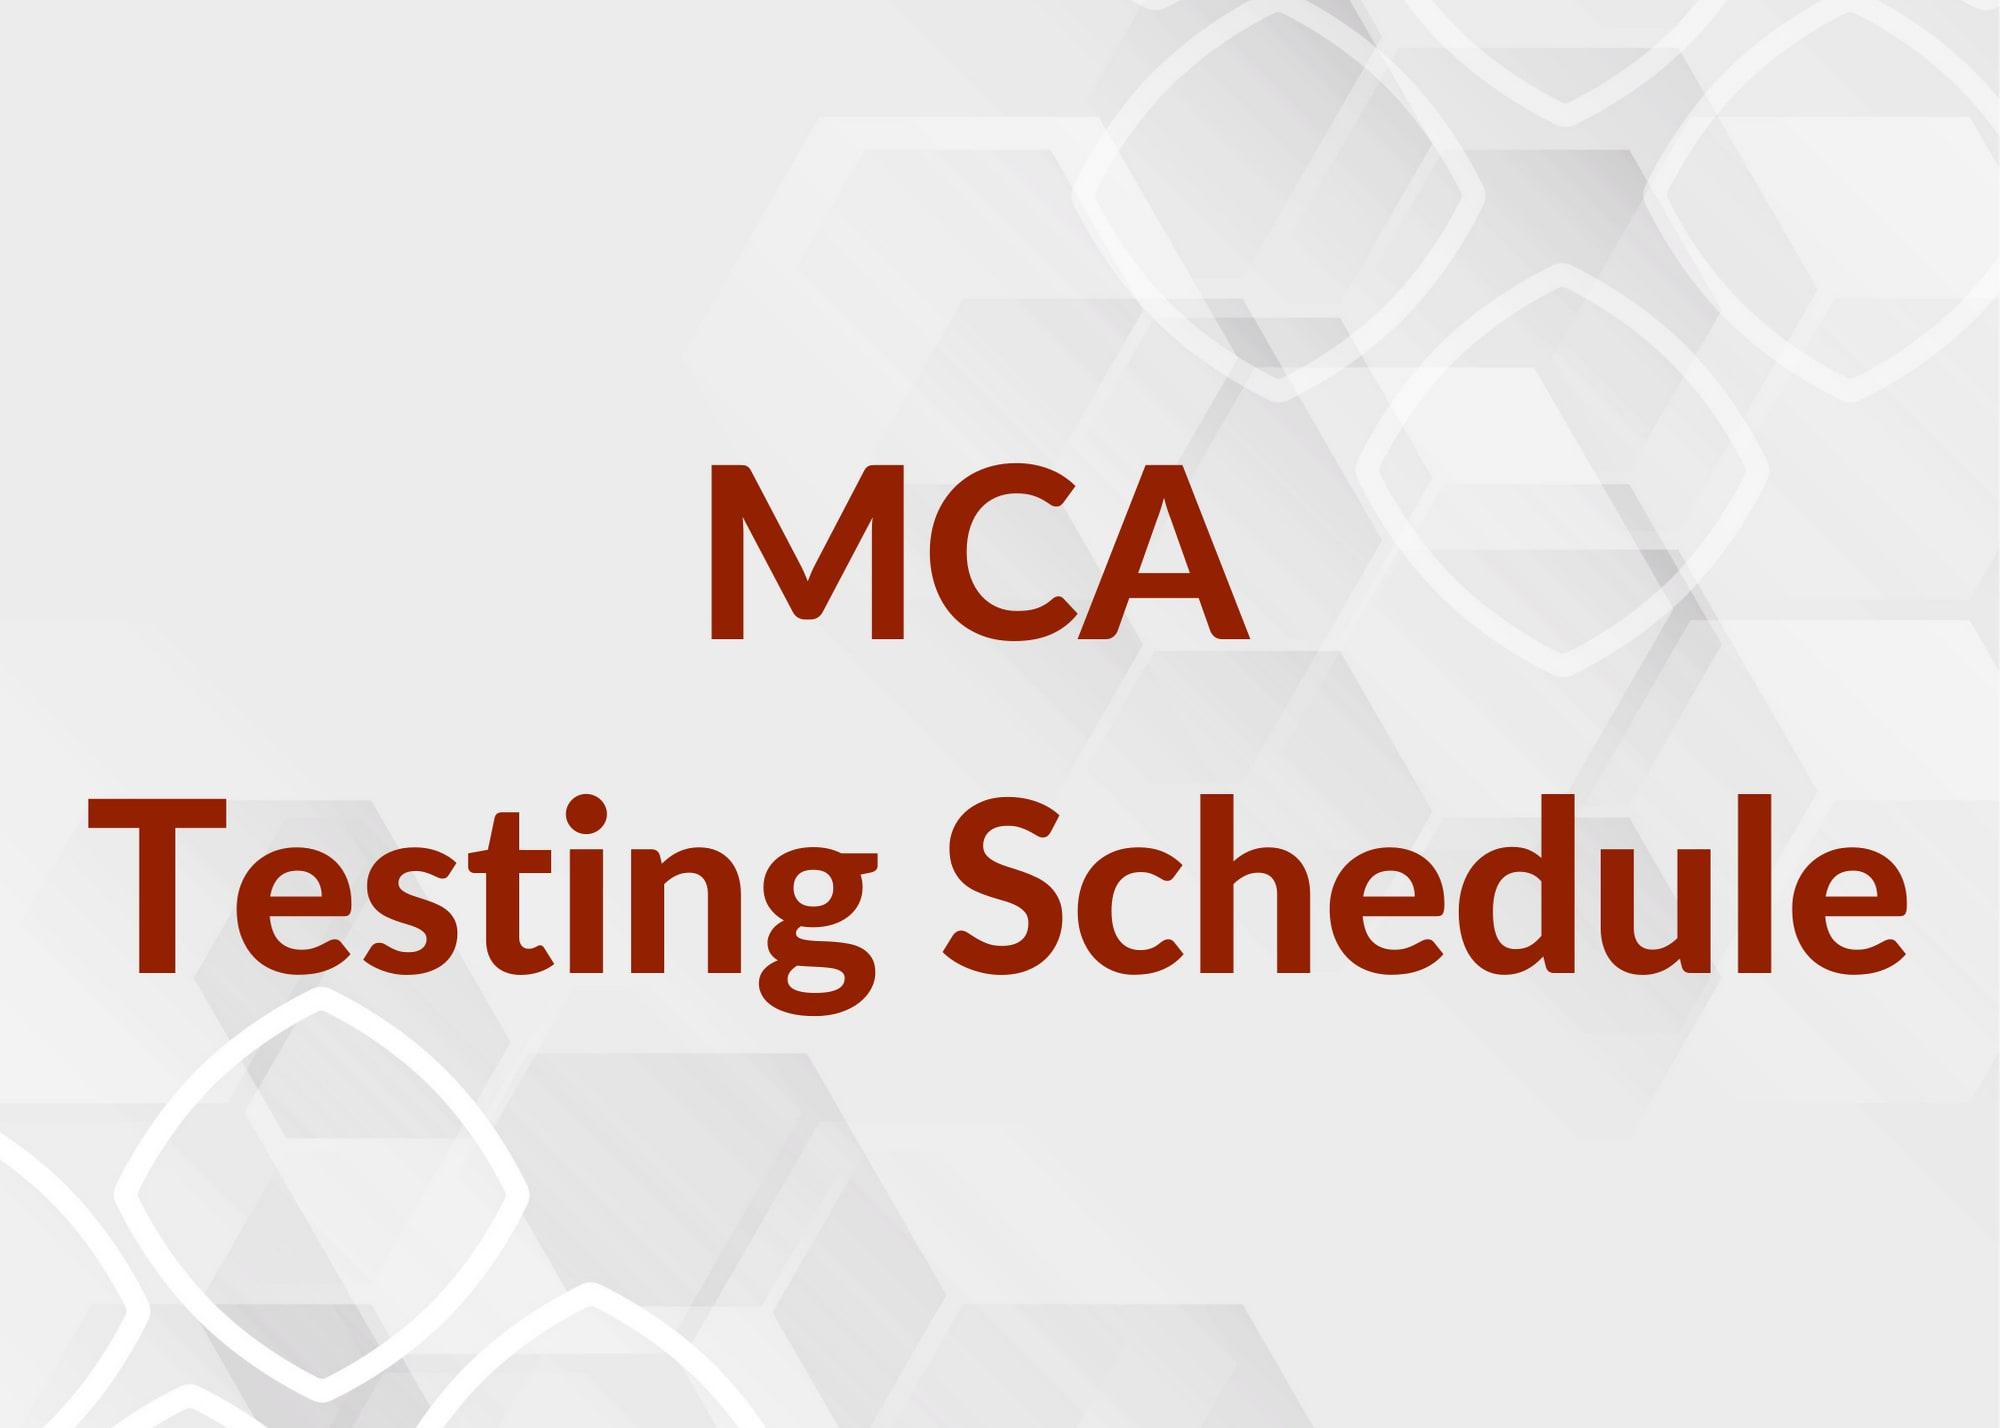 MCA Testing Schedule